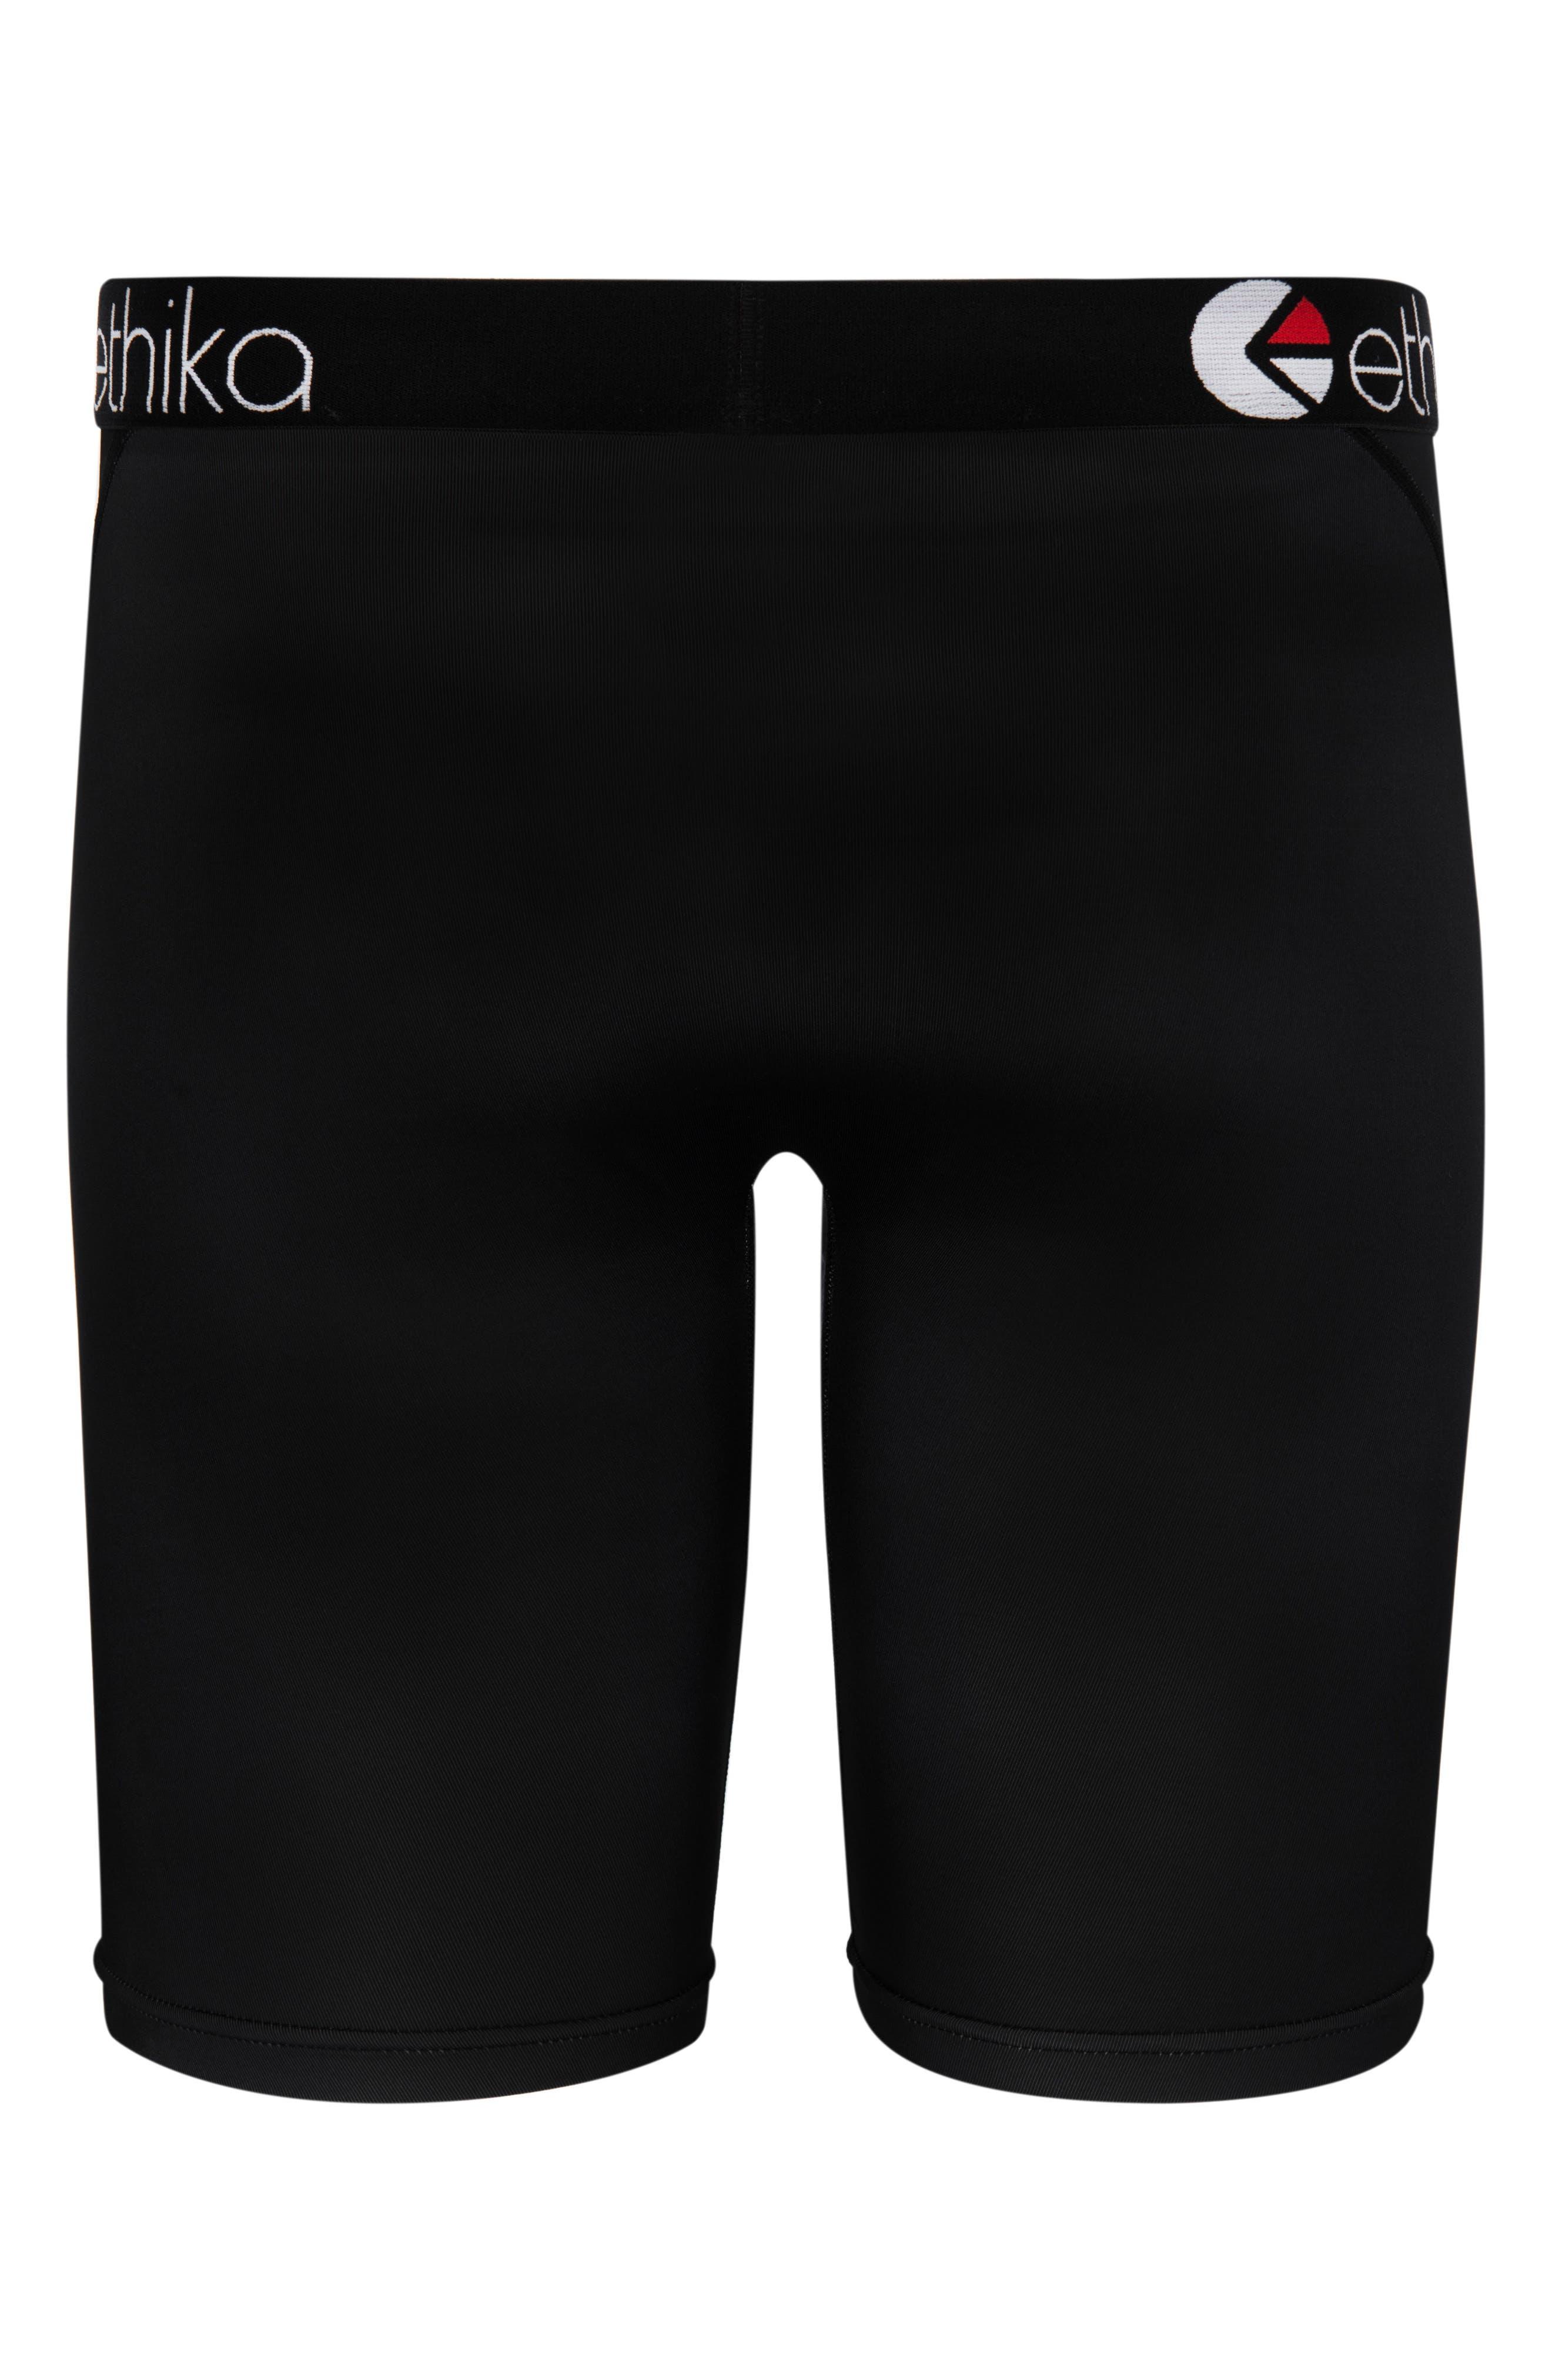 Carbon Ape Boxer Briefs,                             Alternate thumbnail 3, color,                             Black